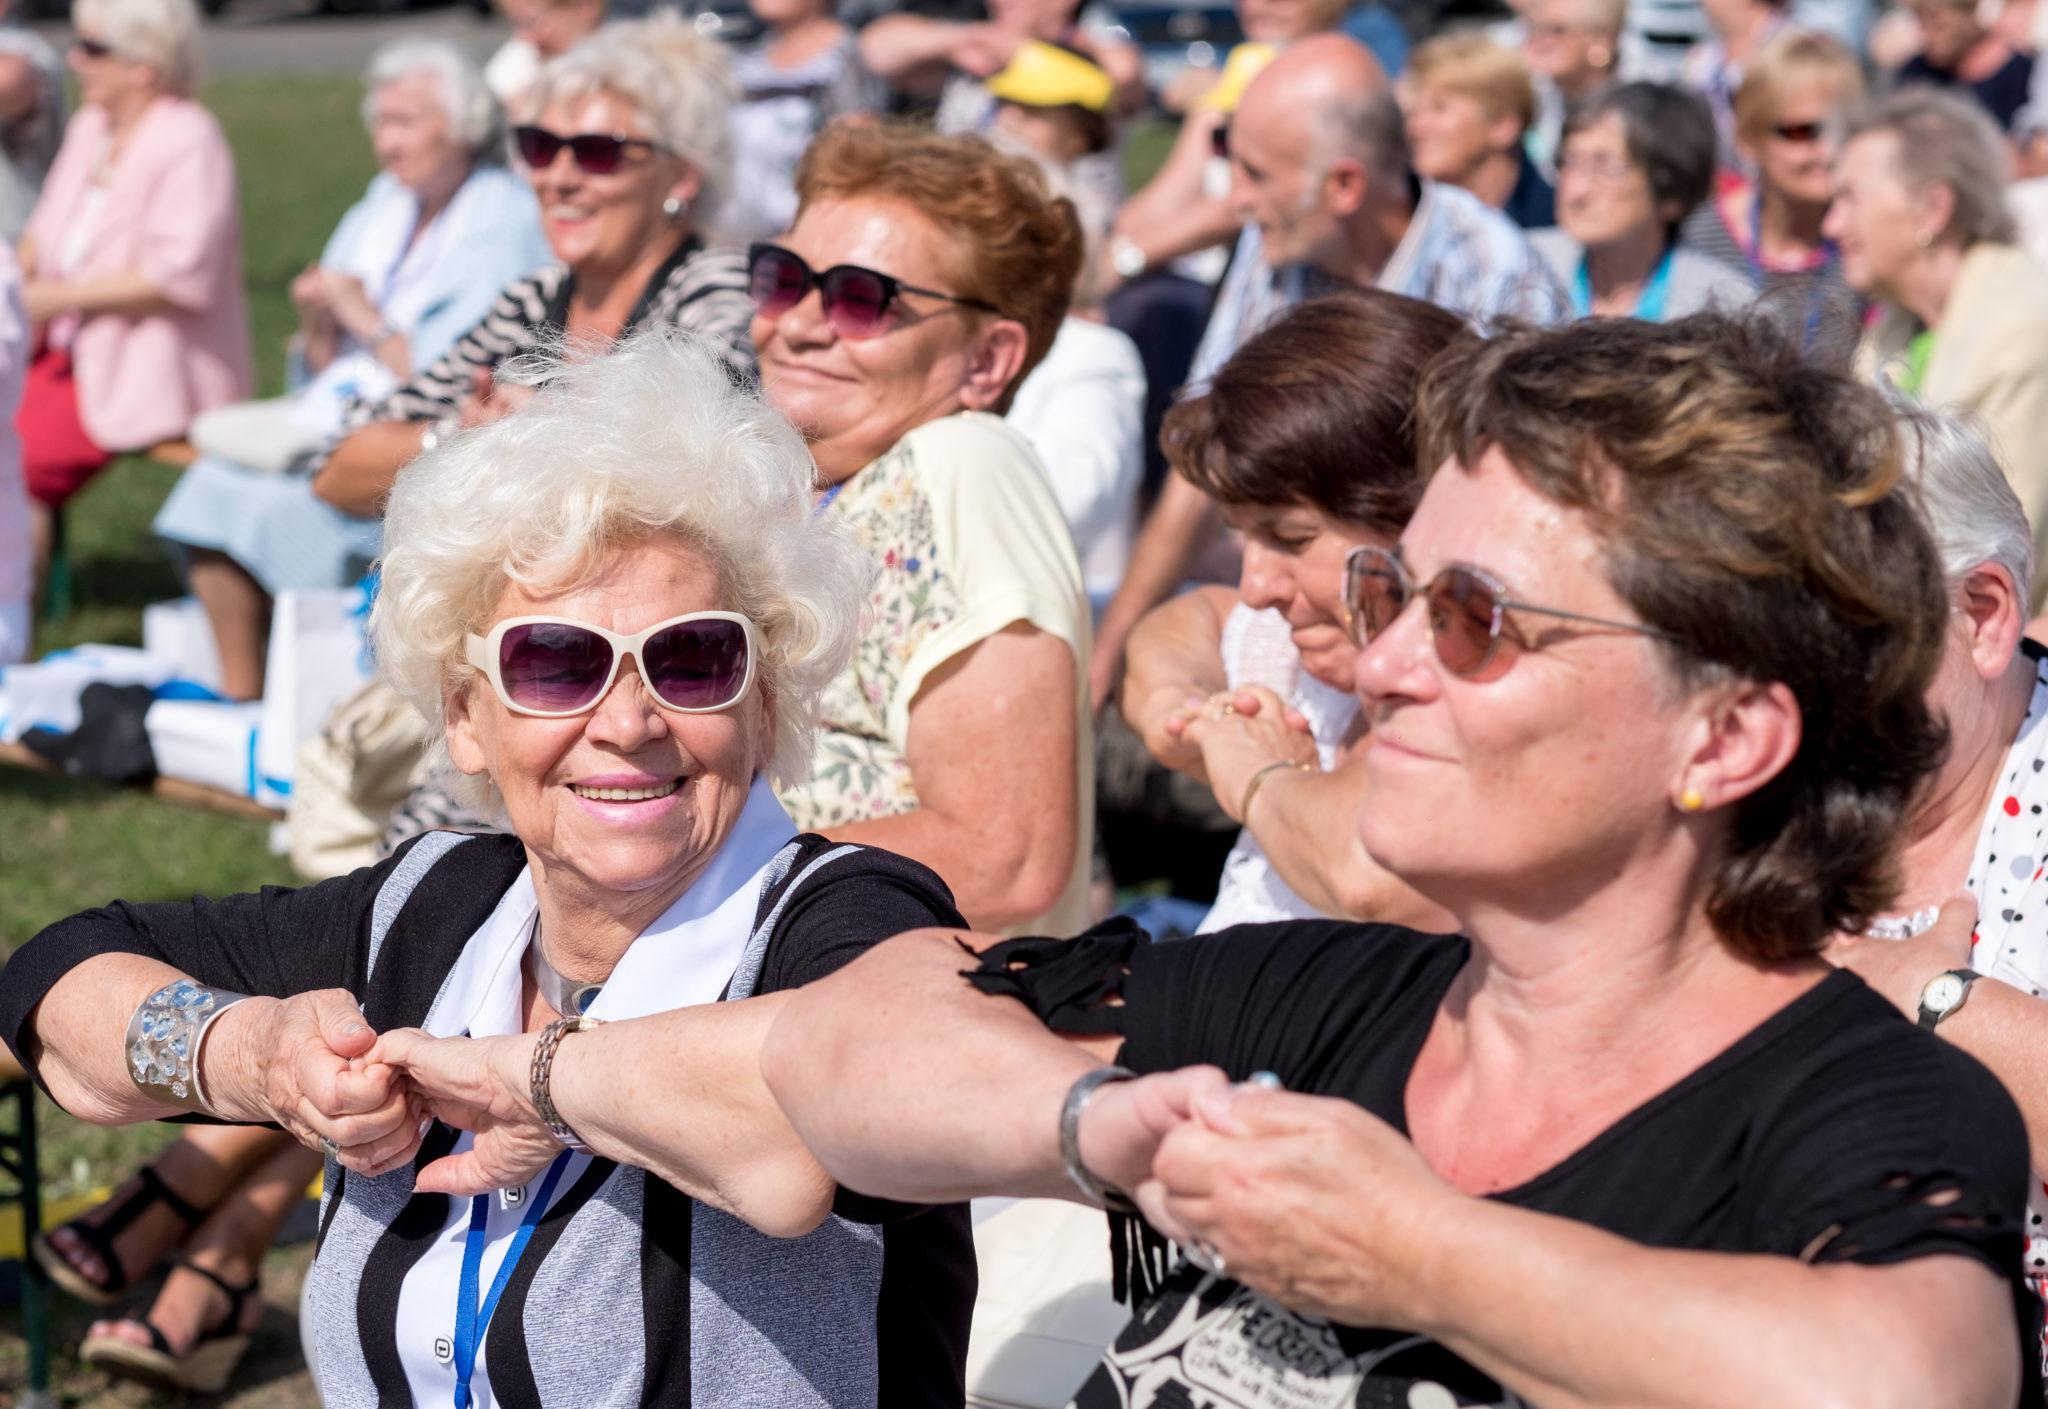 Senioralia w Jaworznie, zainteresowani mogli skorzystać z porad specjalistów w zakresie zdrowia i diety, ale także z aktywnych zajęć - jak nordic walking, fot: Andrzej Grygiel